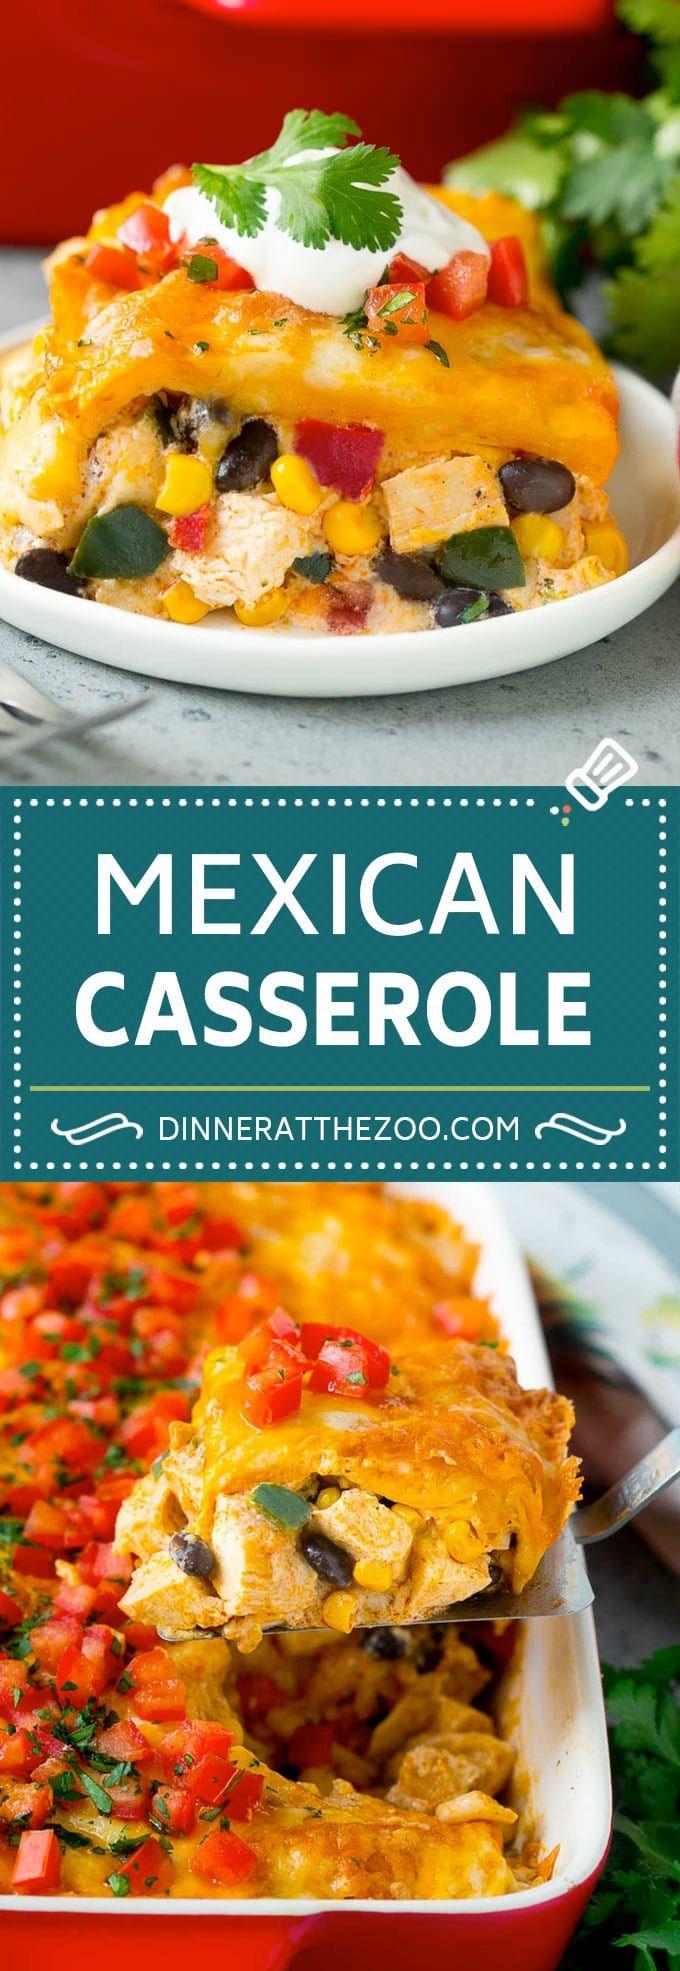 Mexican Casserole Recipe | Mexican Chicken Casserole | Tortilla Casserole